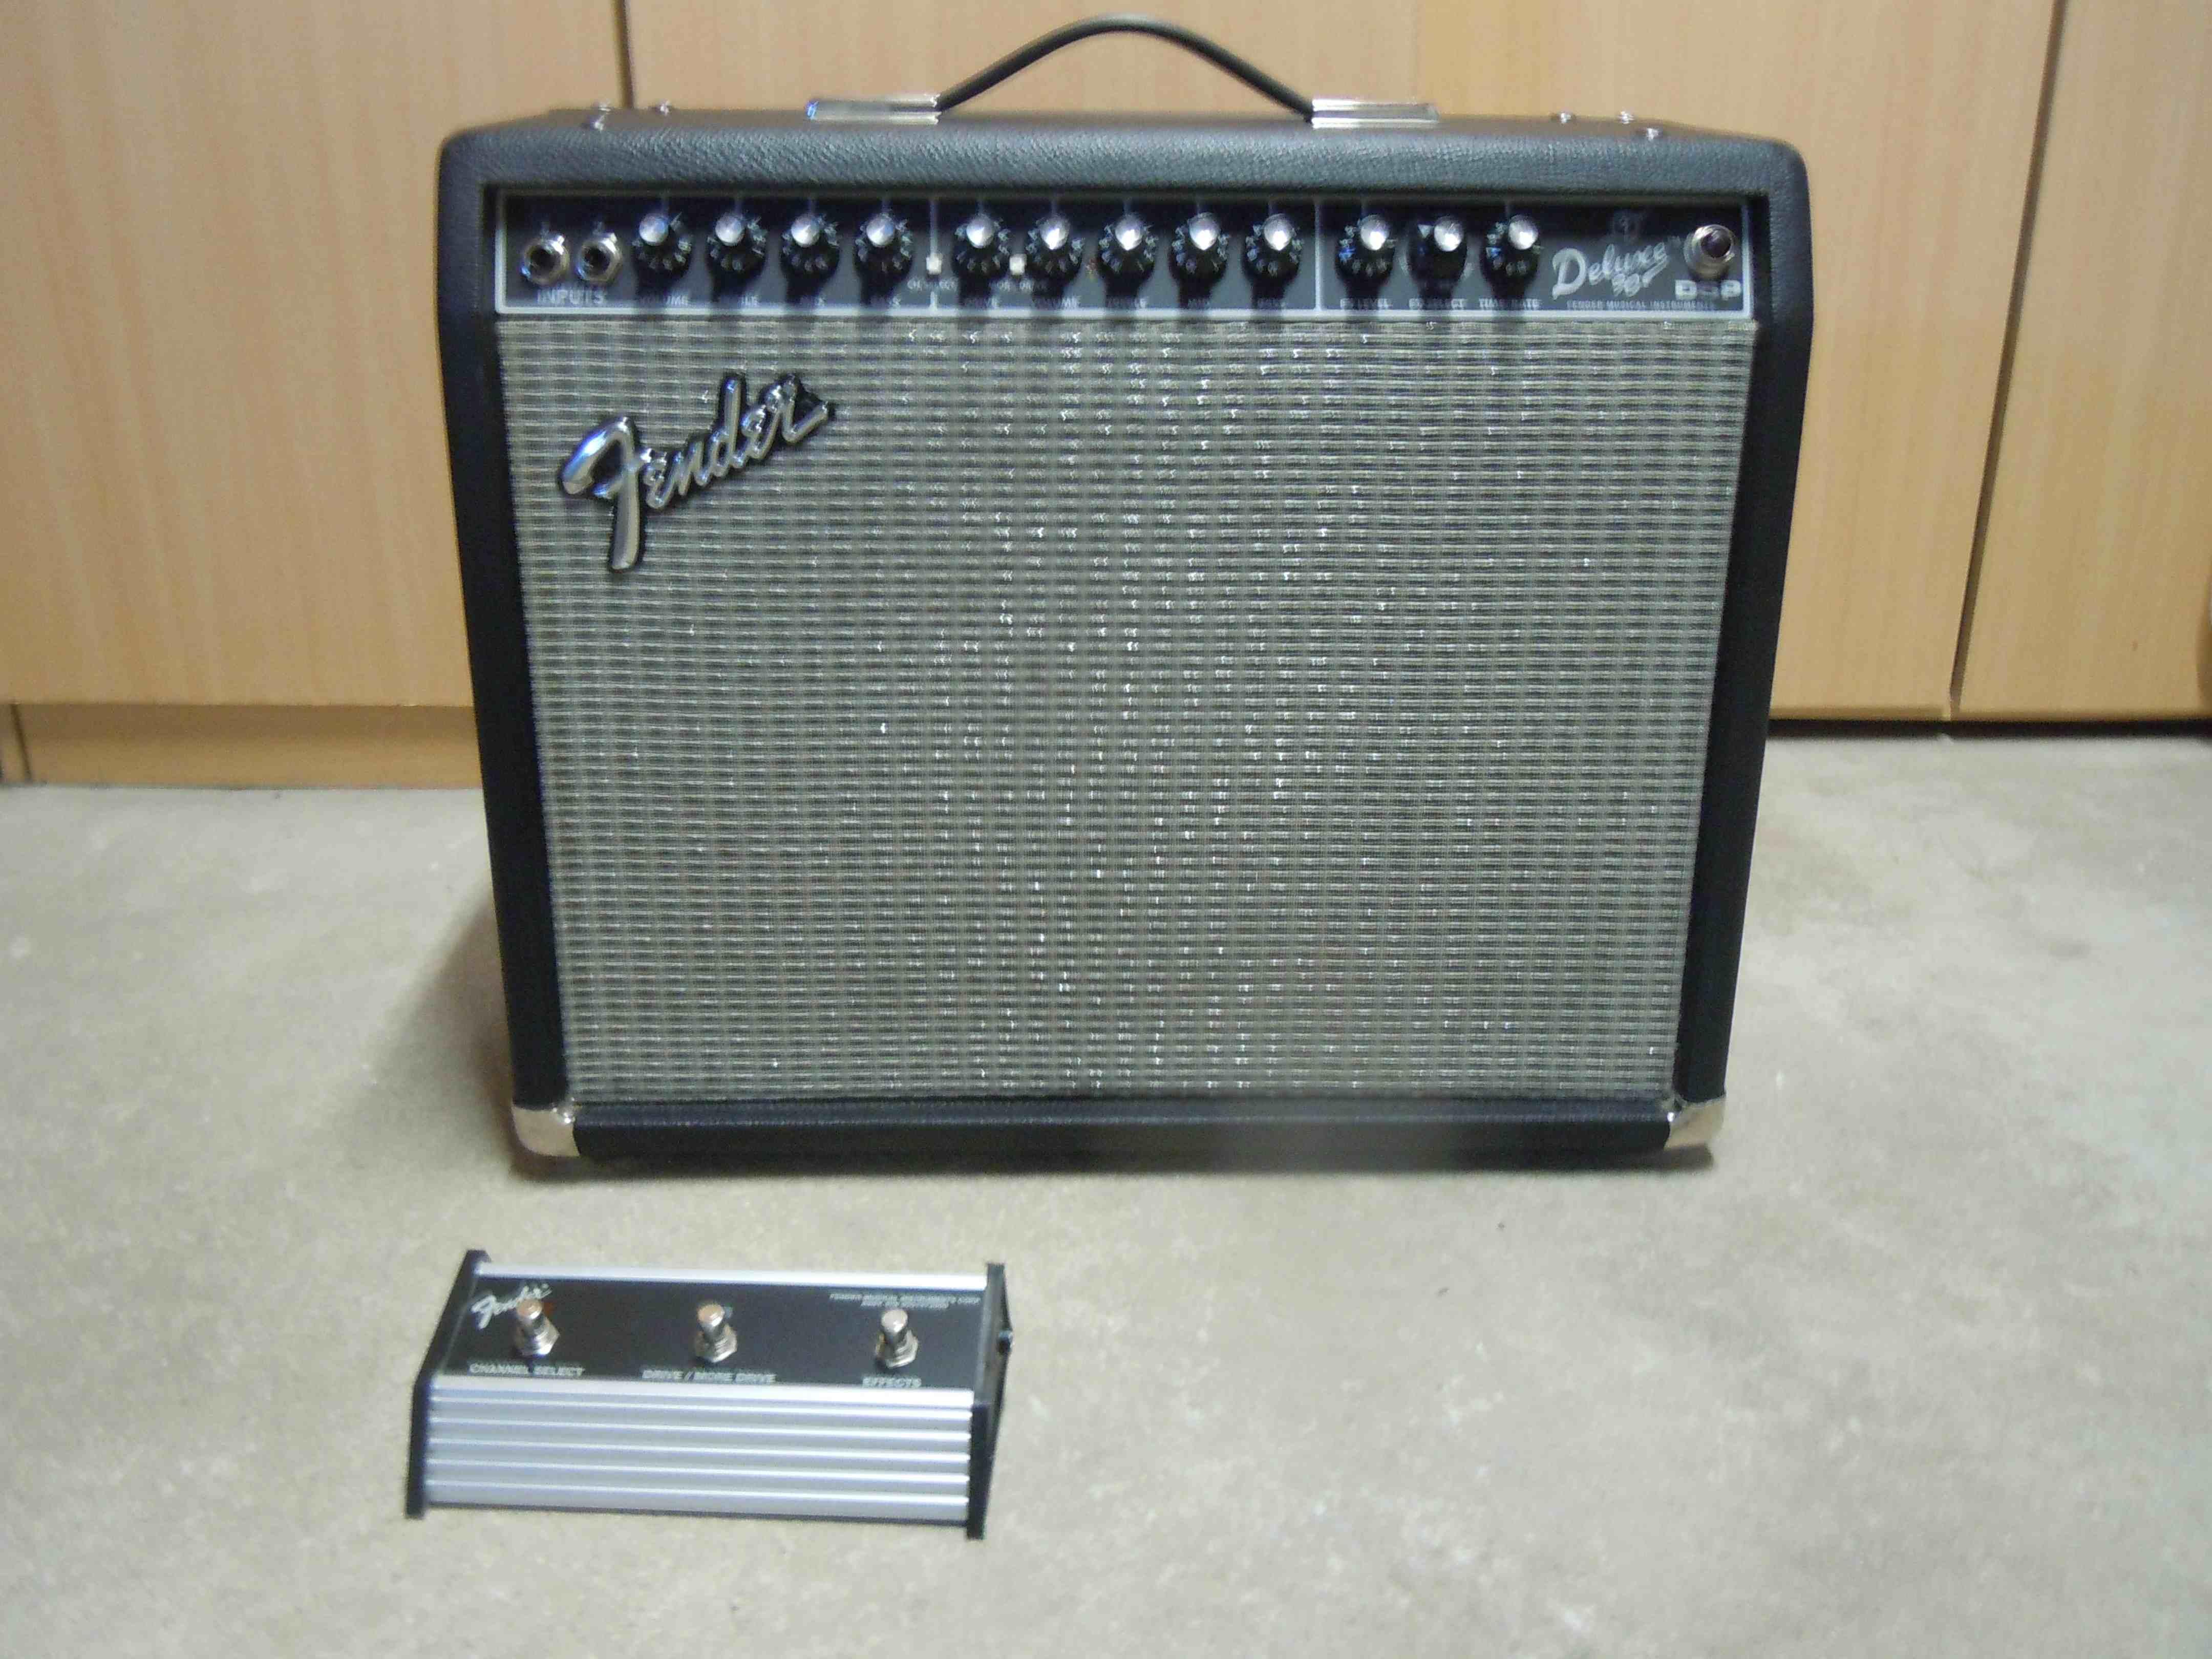 fender deluxe 90 dsp image 974939 audiofanzine rh en audiofanzine com Fender Deluxe 90 Amp fender deluxe 90 dsp manual